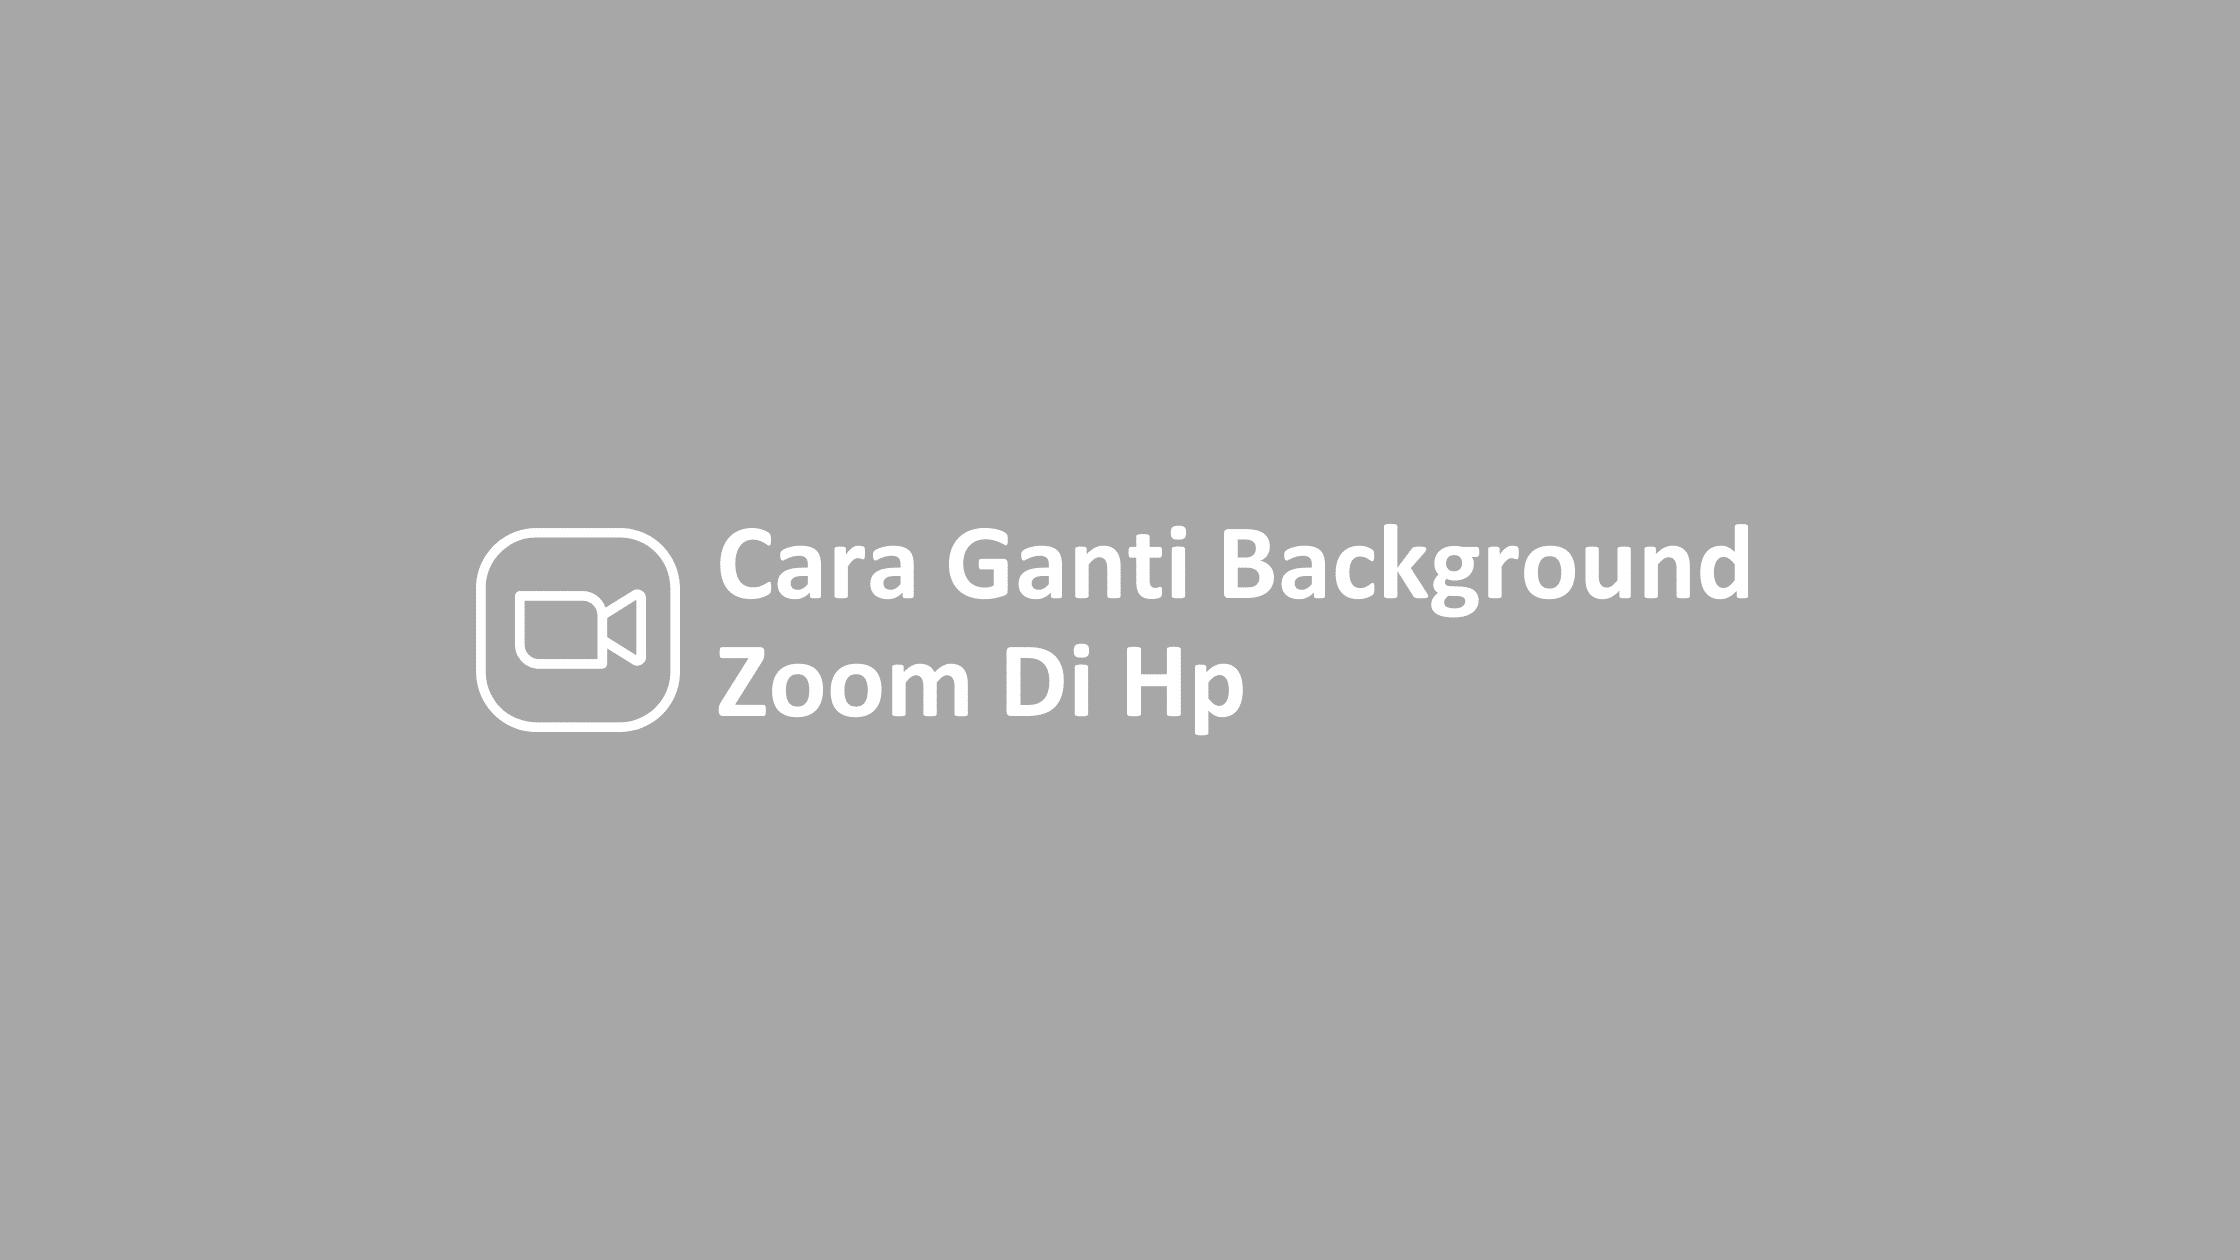 cara ganti background zoom di hp